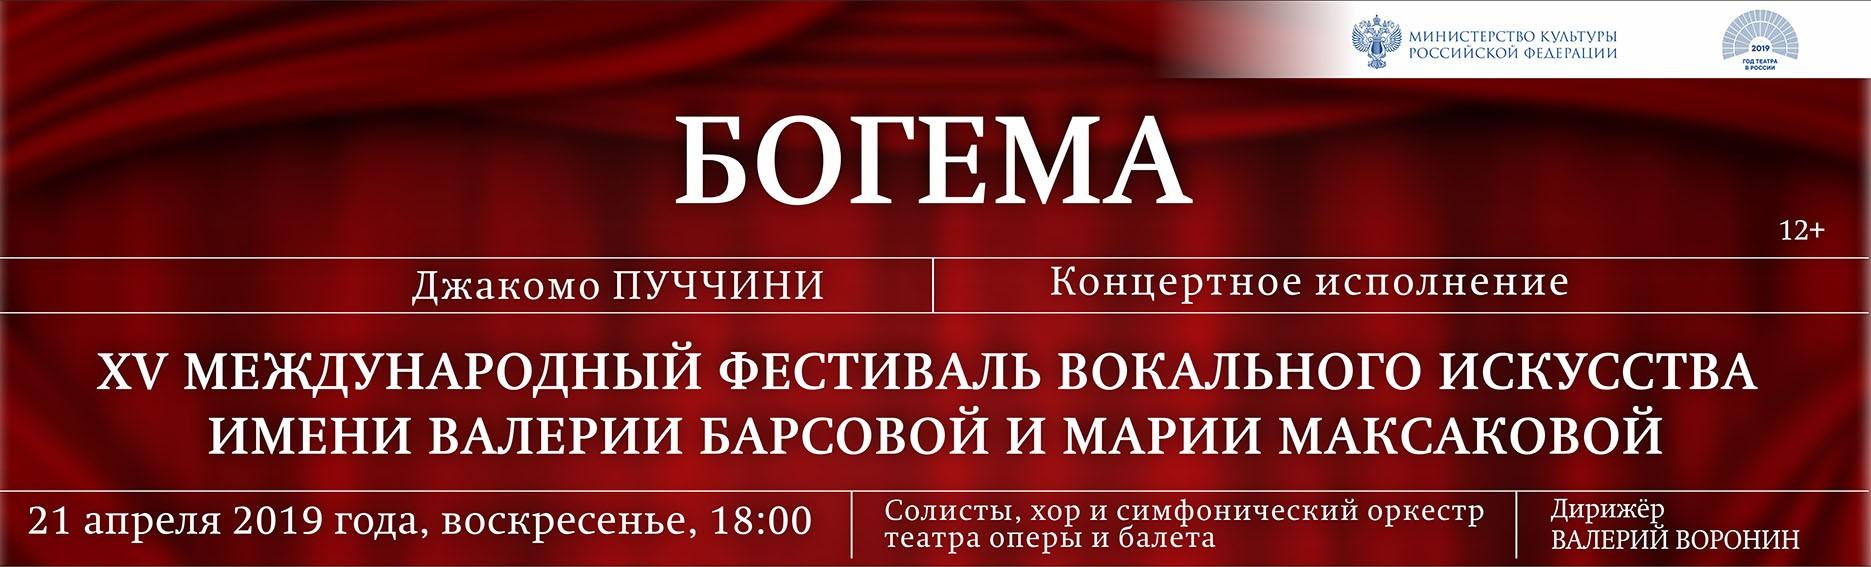 """Концертное исполнение оперы """"Богема"""""""